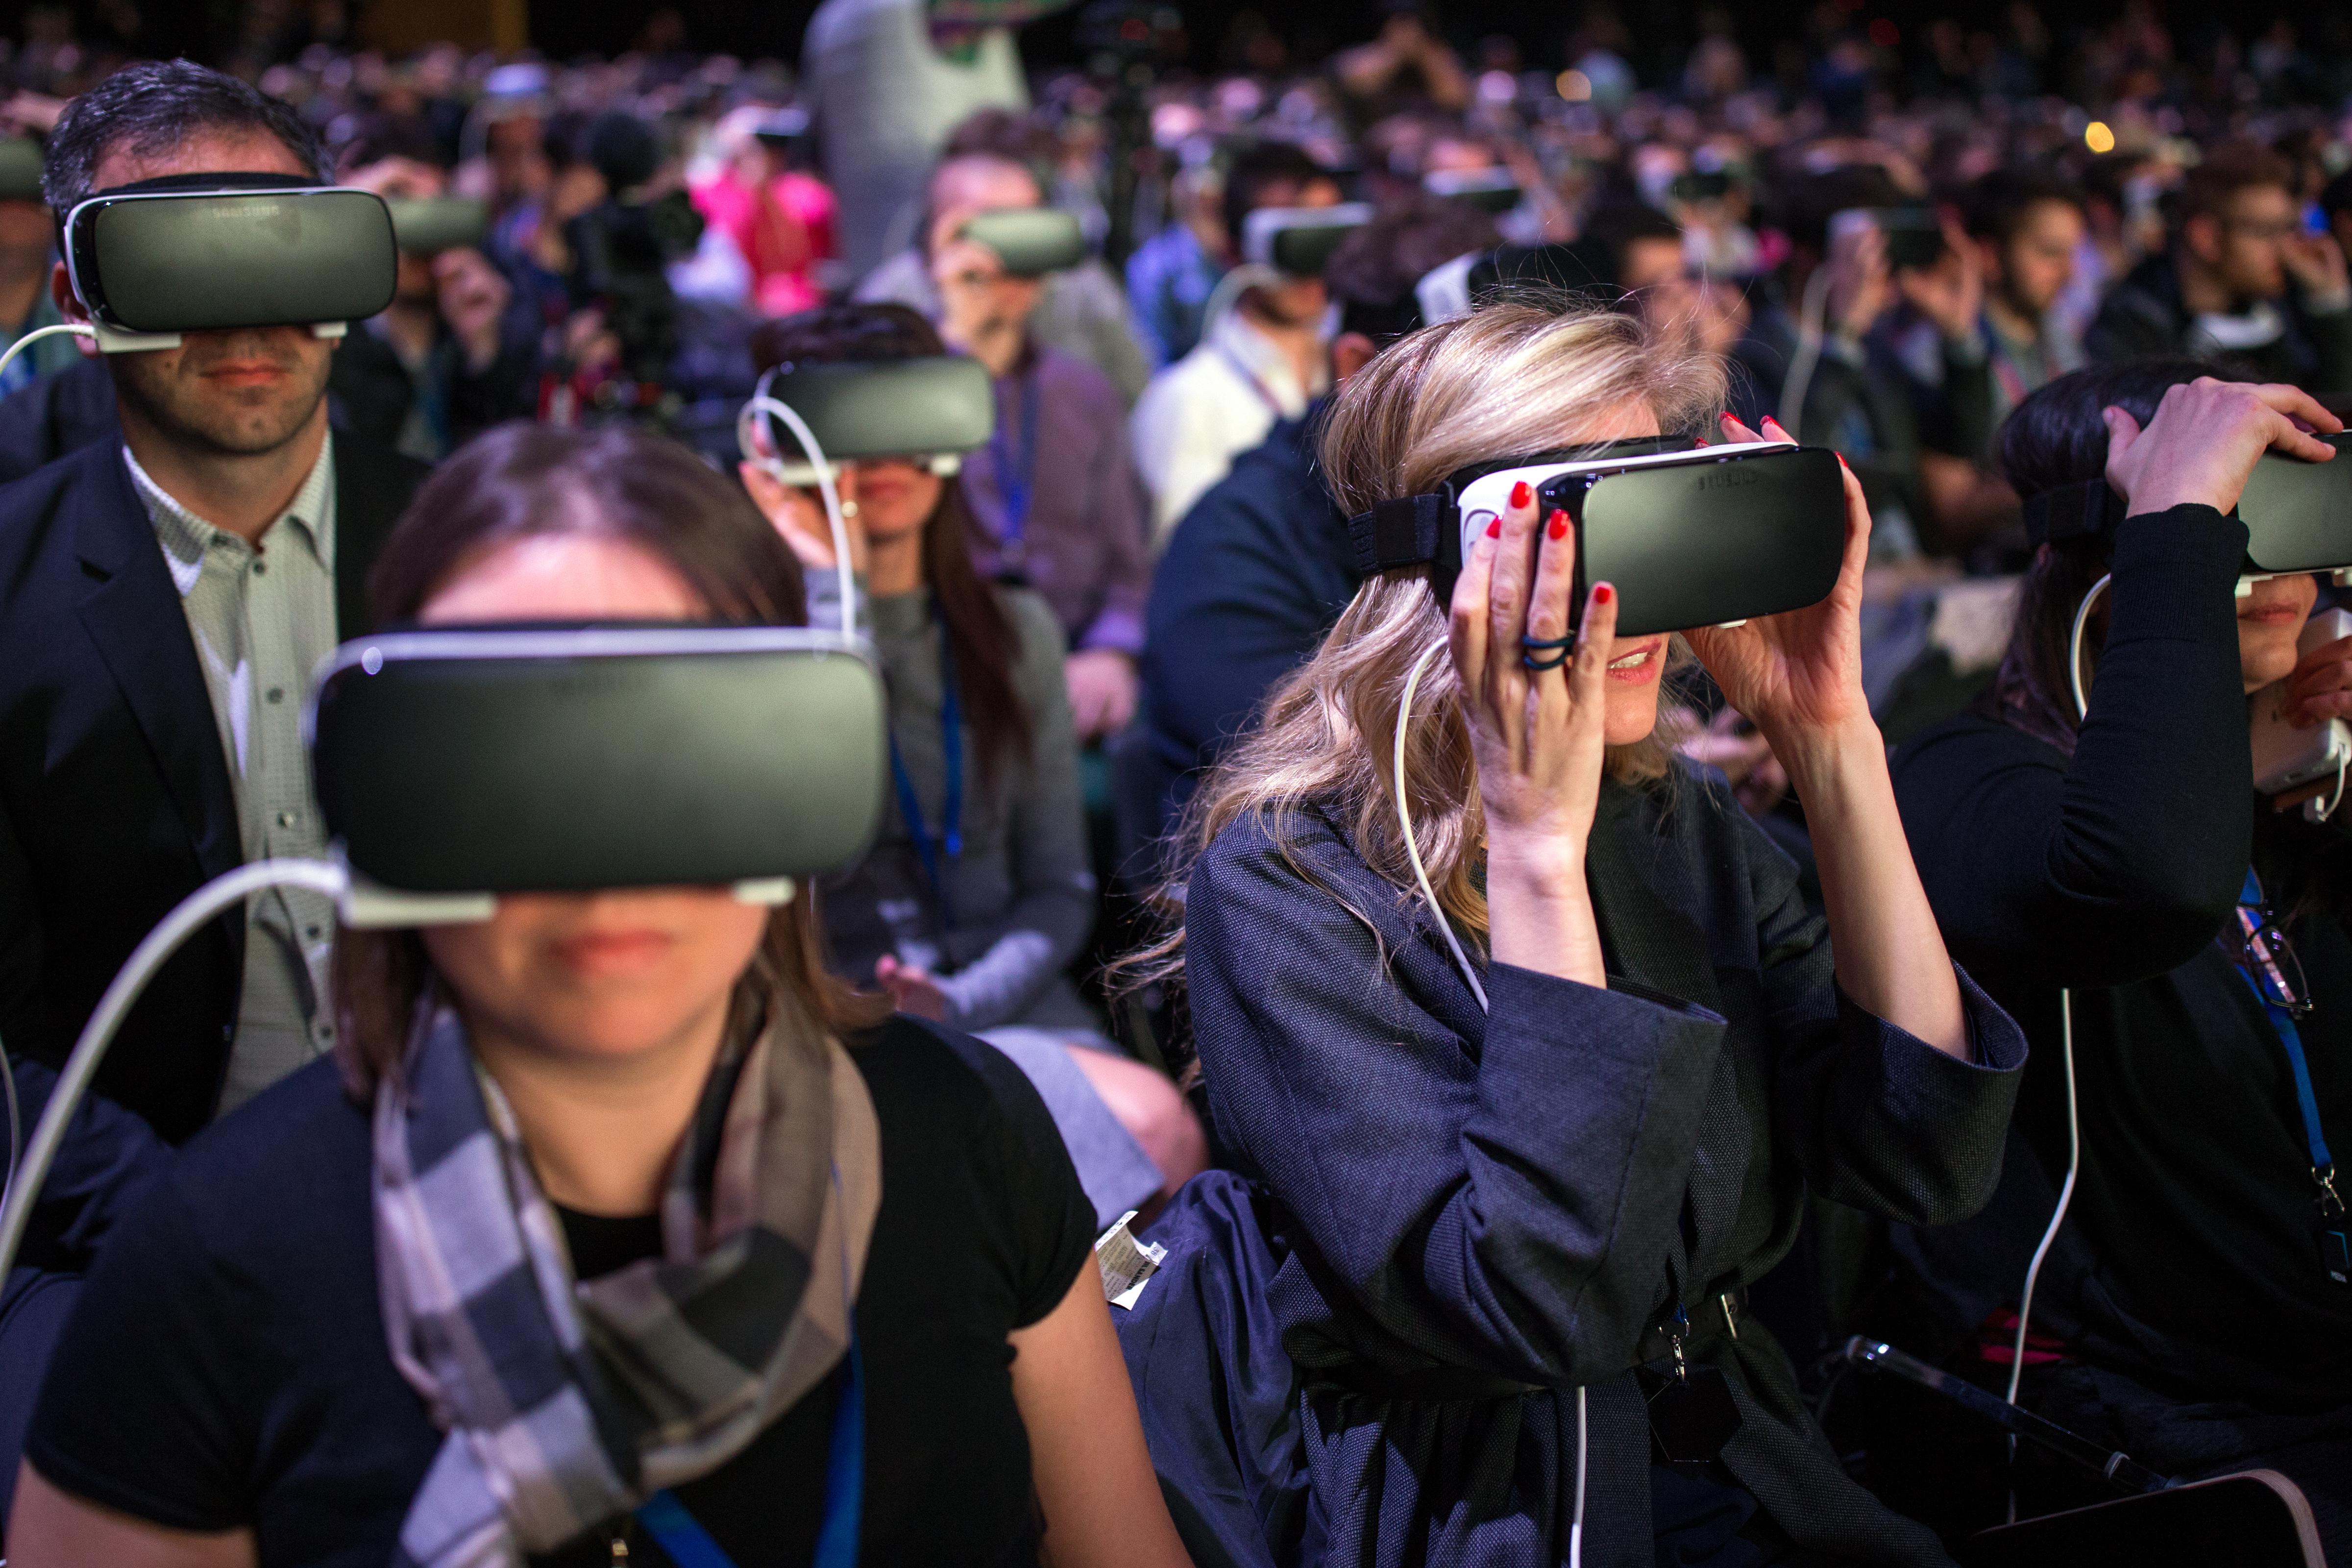 Facebook prévoit d'investir 3 milliards de dollars dans la réalité virtuelle